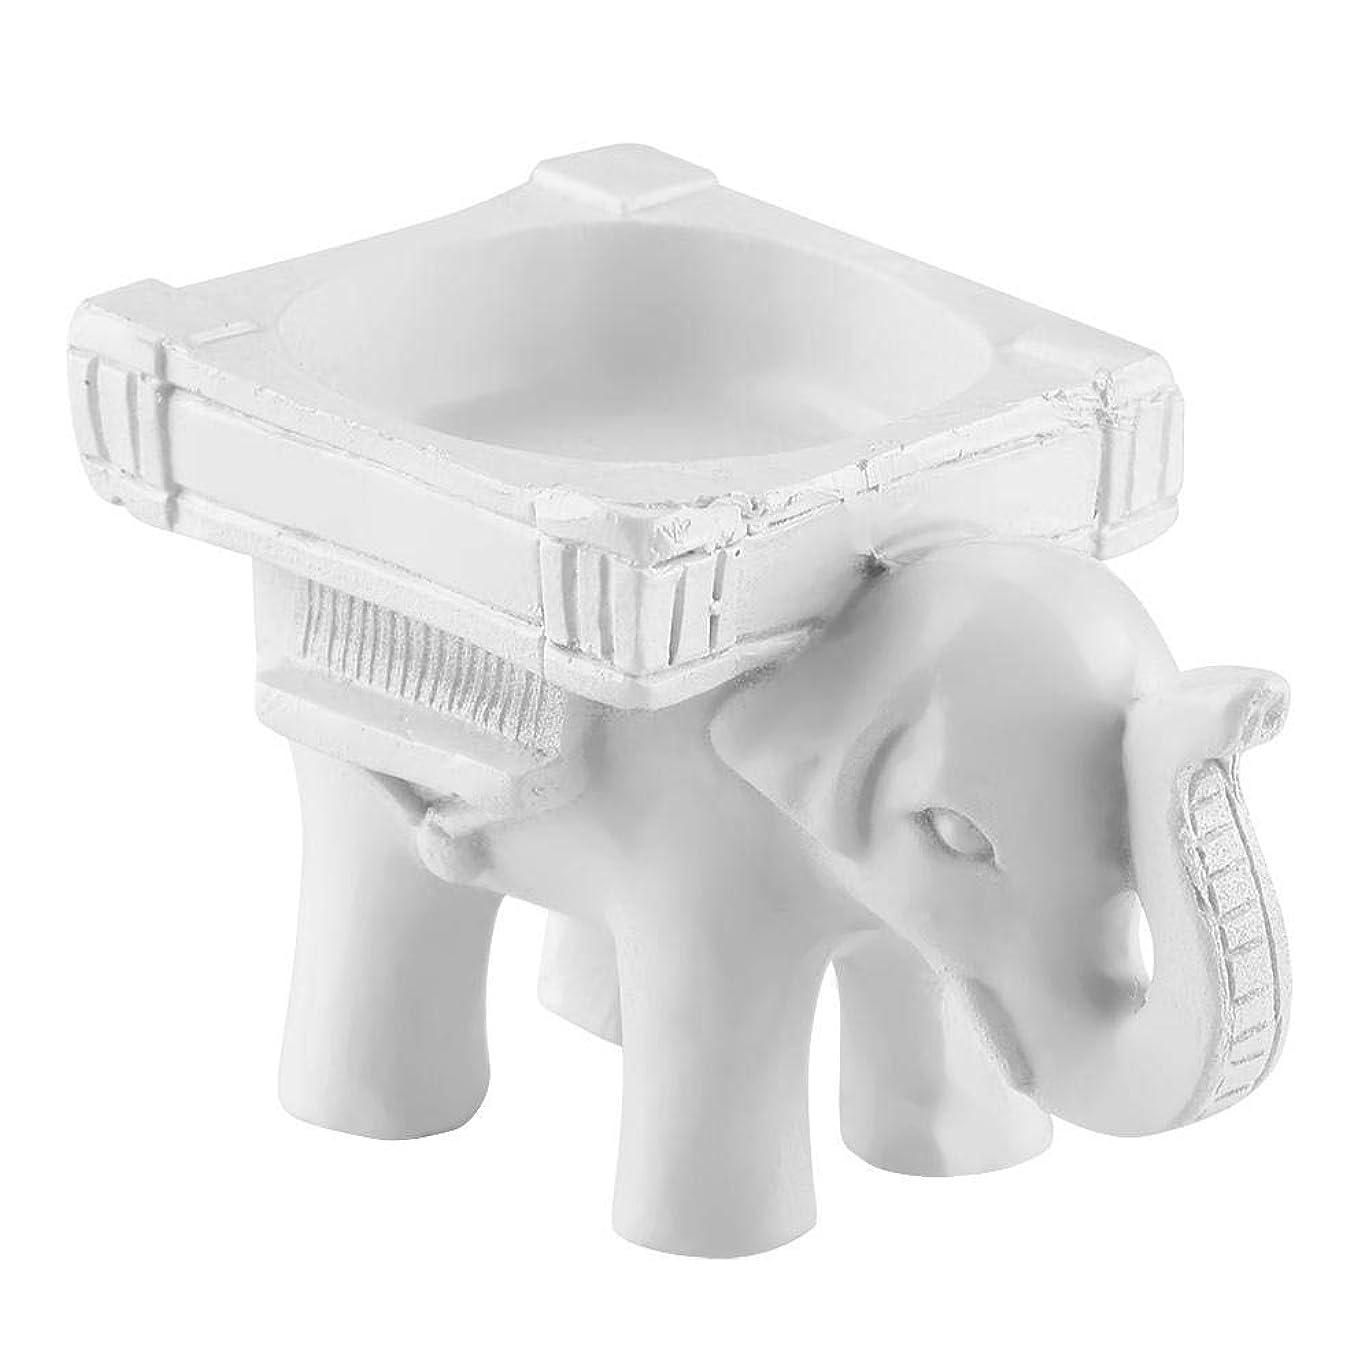 粘液ピラミッドパンフレット樹脂の燭台、古典的な彫刻が施された象の形の燭台の蝋燭ホールダーの家の装飾